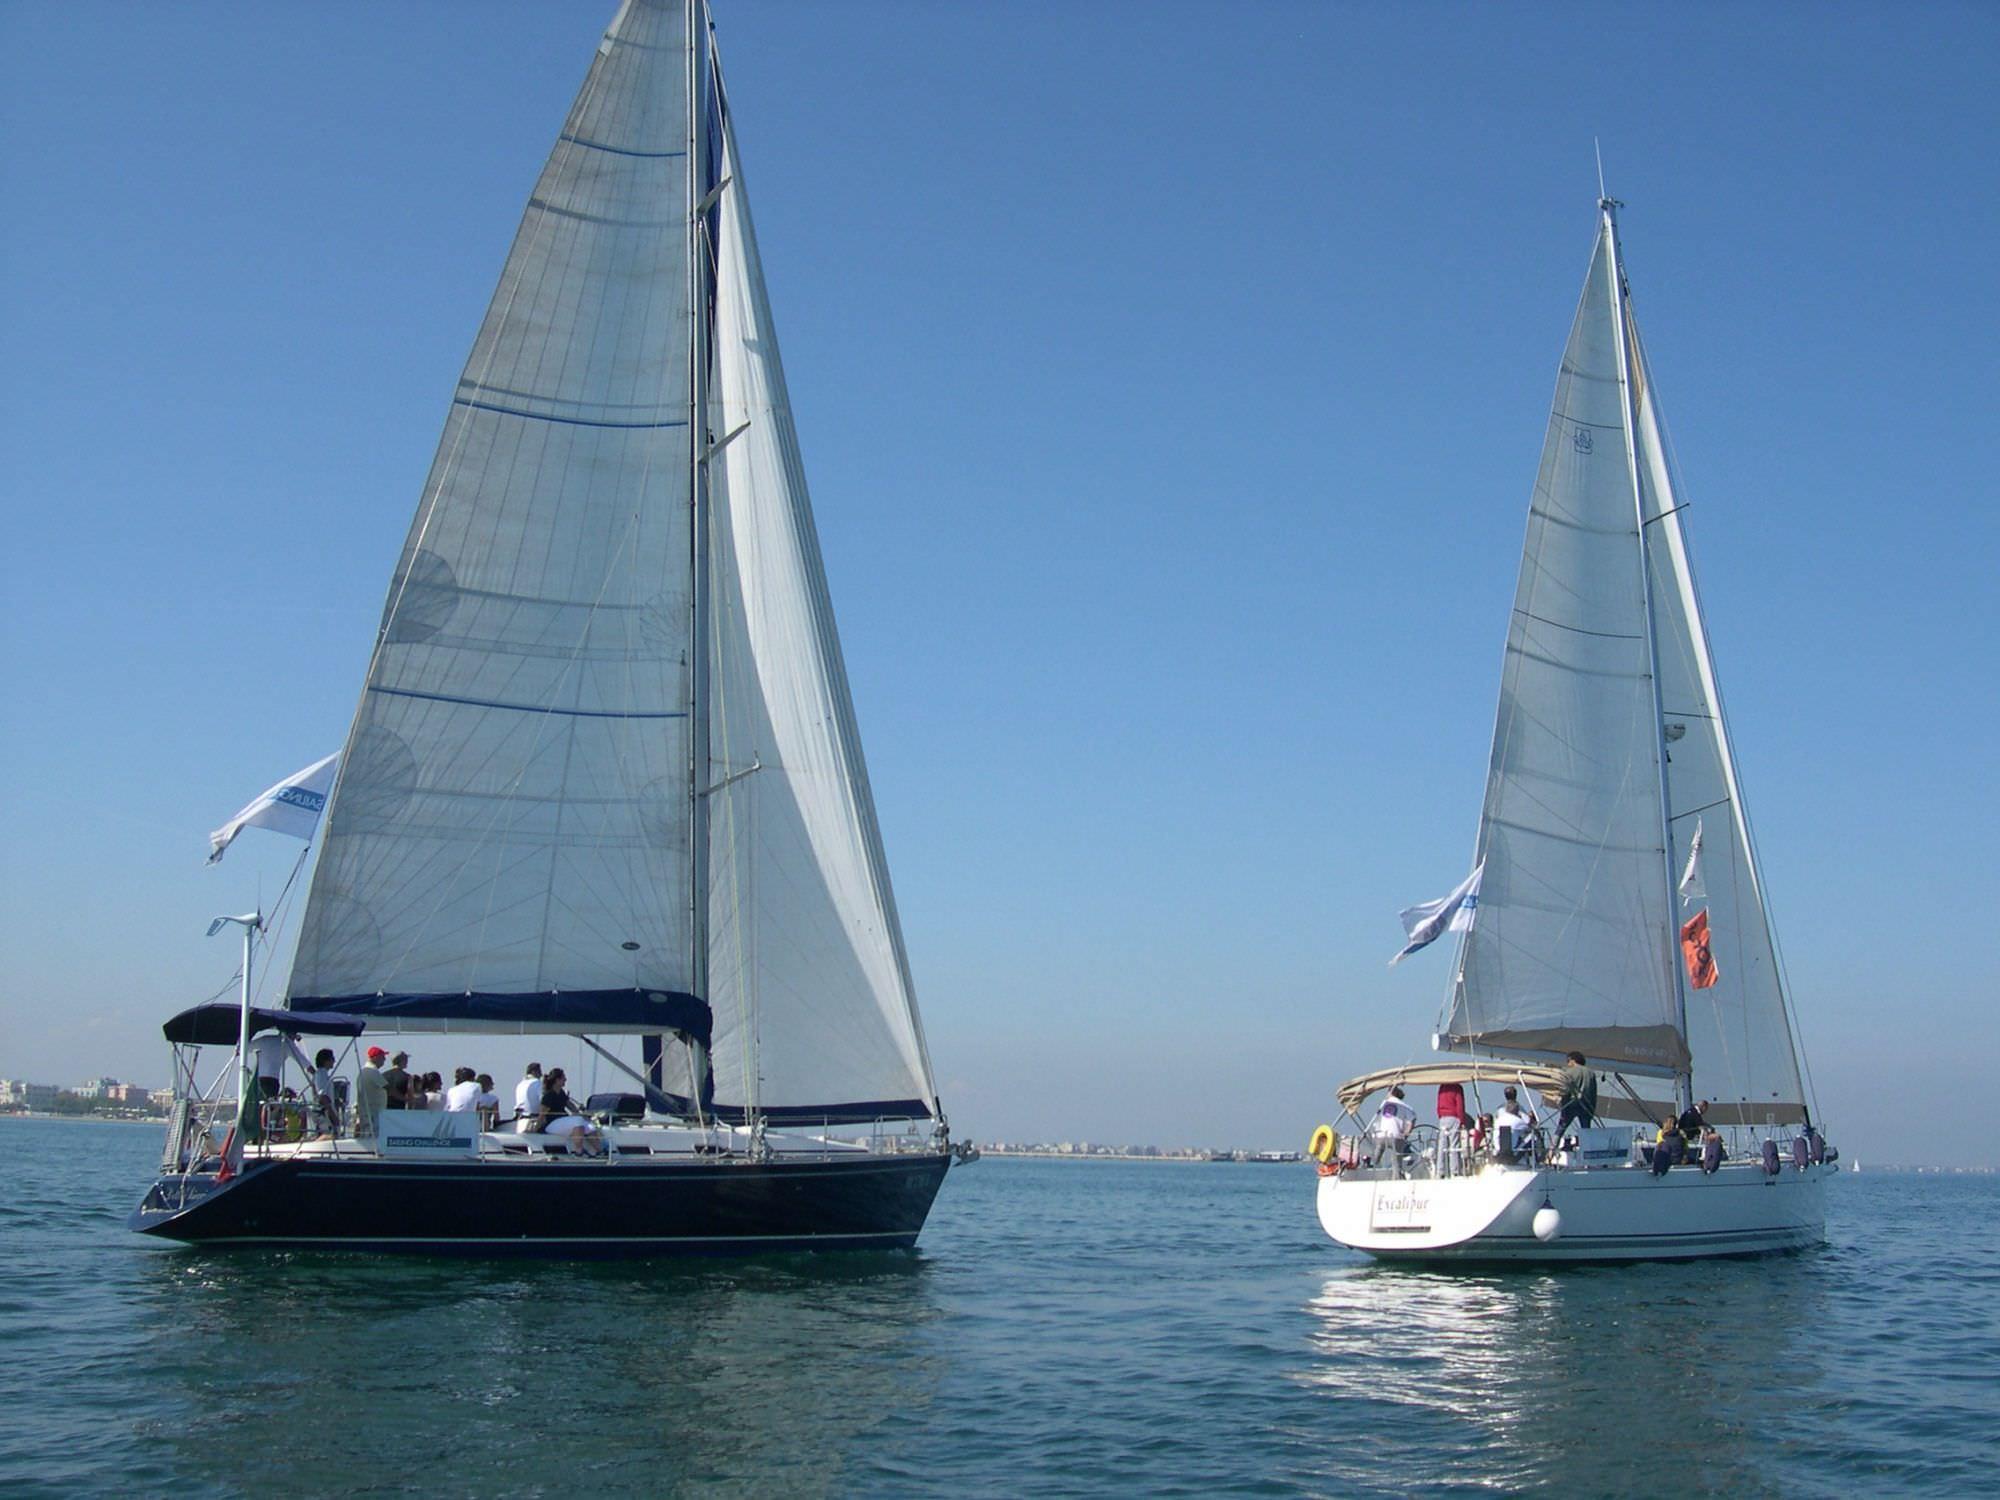 A Viareggio la prima tappa dell'Hssc di vela. In barca anche gli albergatori della Toscana